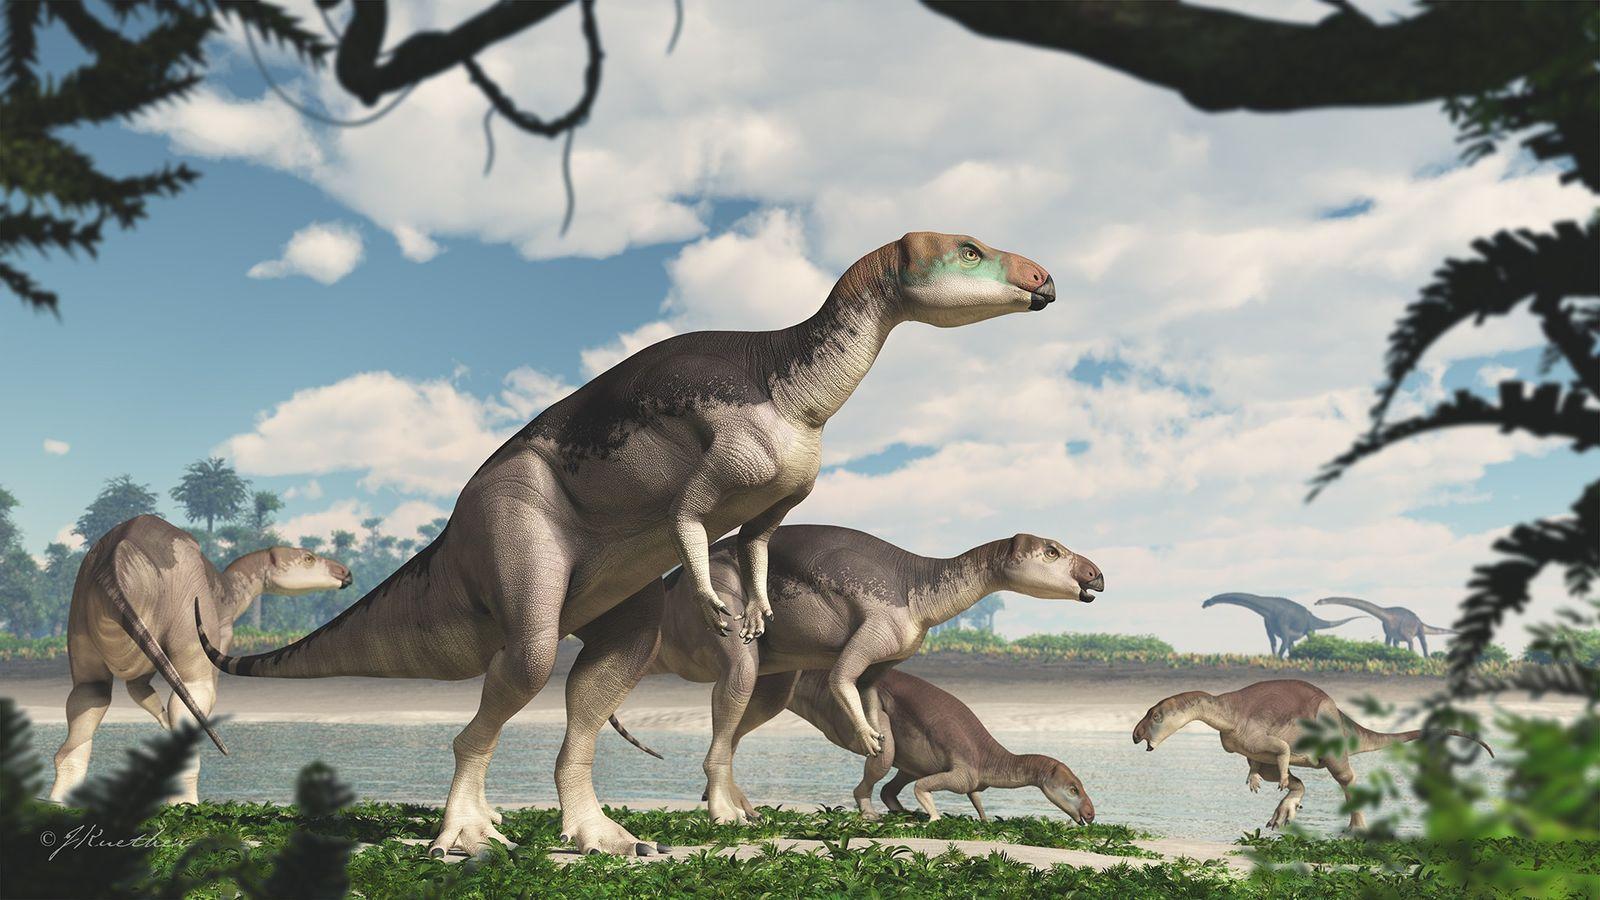 Estos Fosiles Hallados En Opalo Pertenecen A Una Nueva Especie De Dinosaurio National Geographic Dinosaurios emplumados y la conexión con las aves. estos fosiles hallados en opalo